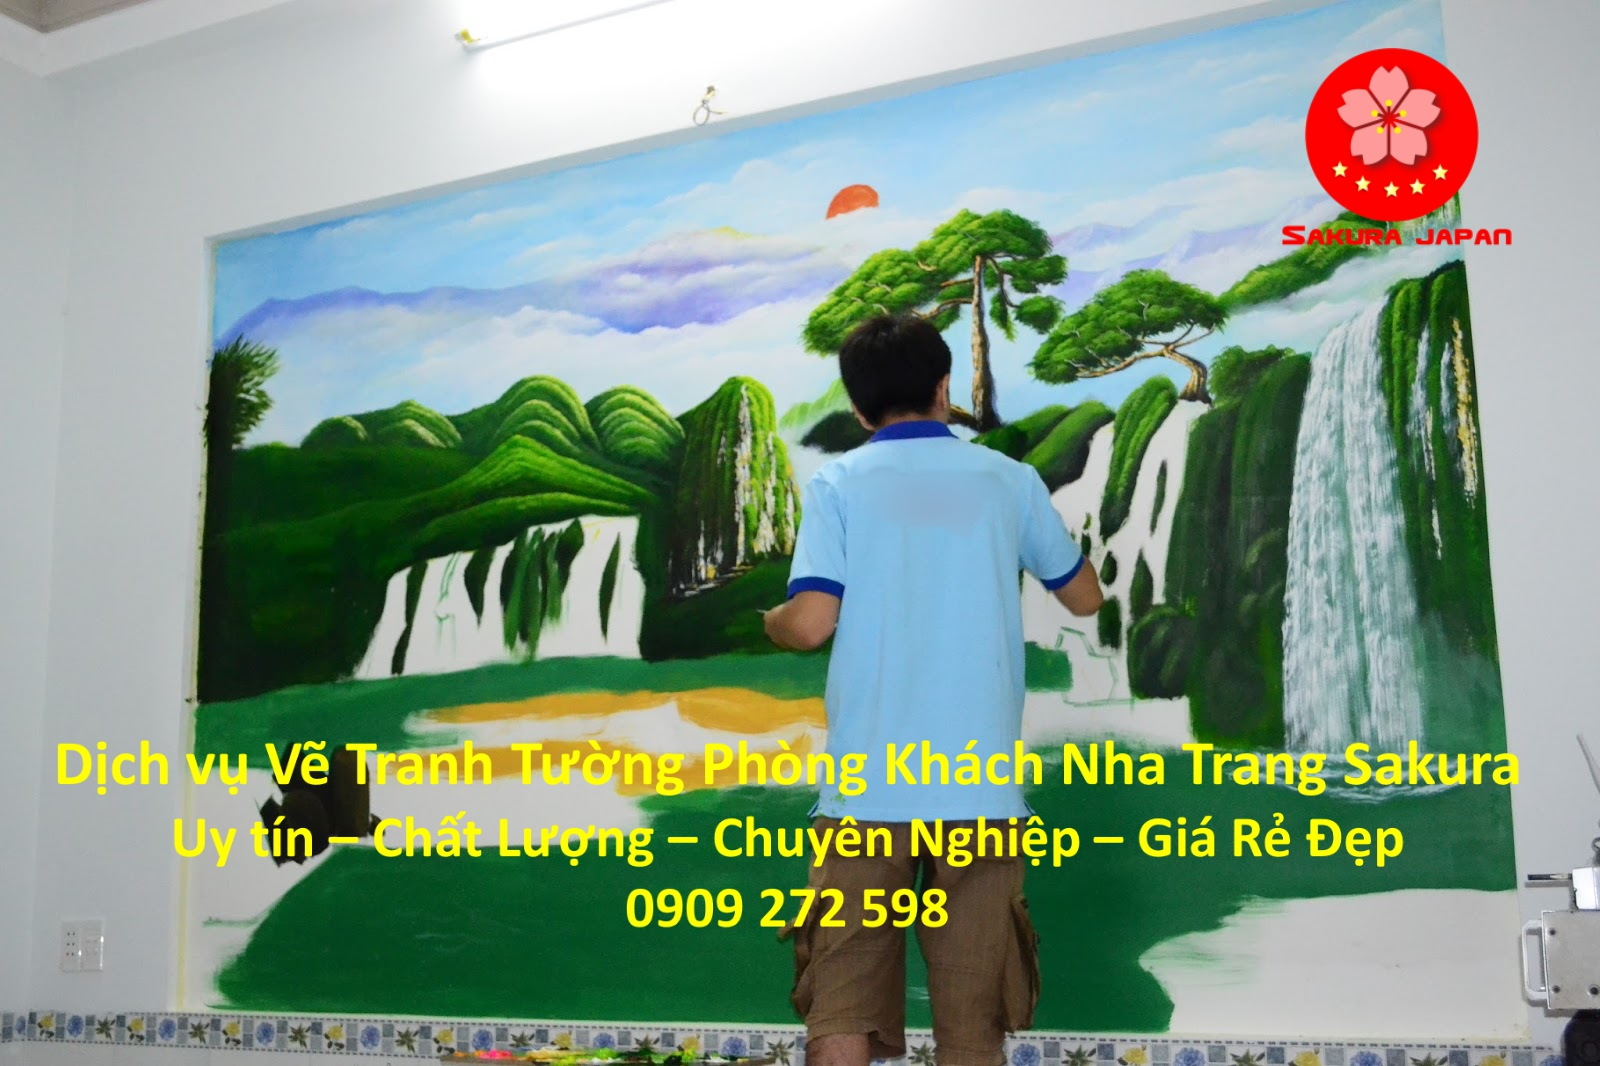 Vẽ Tranh Tường Phòng Khách Nha Trang Chuyên nghiệp Uy Tín Rẻ Đẹp Nhất